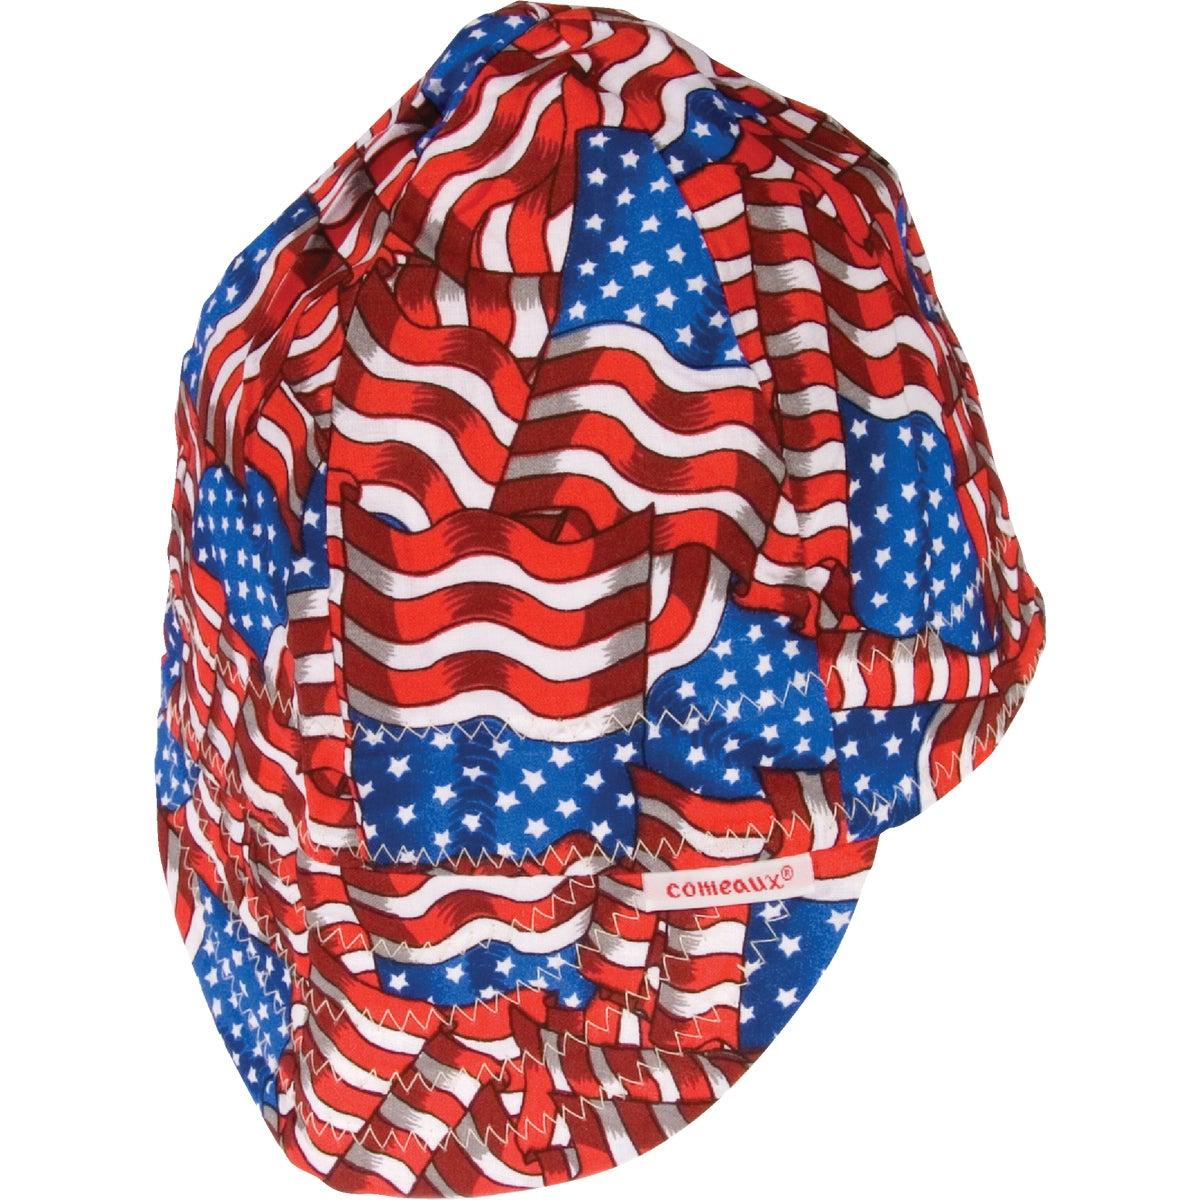 SZ 7-3/8 WELDING CAP